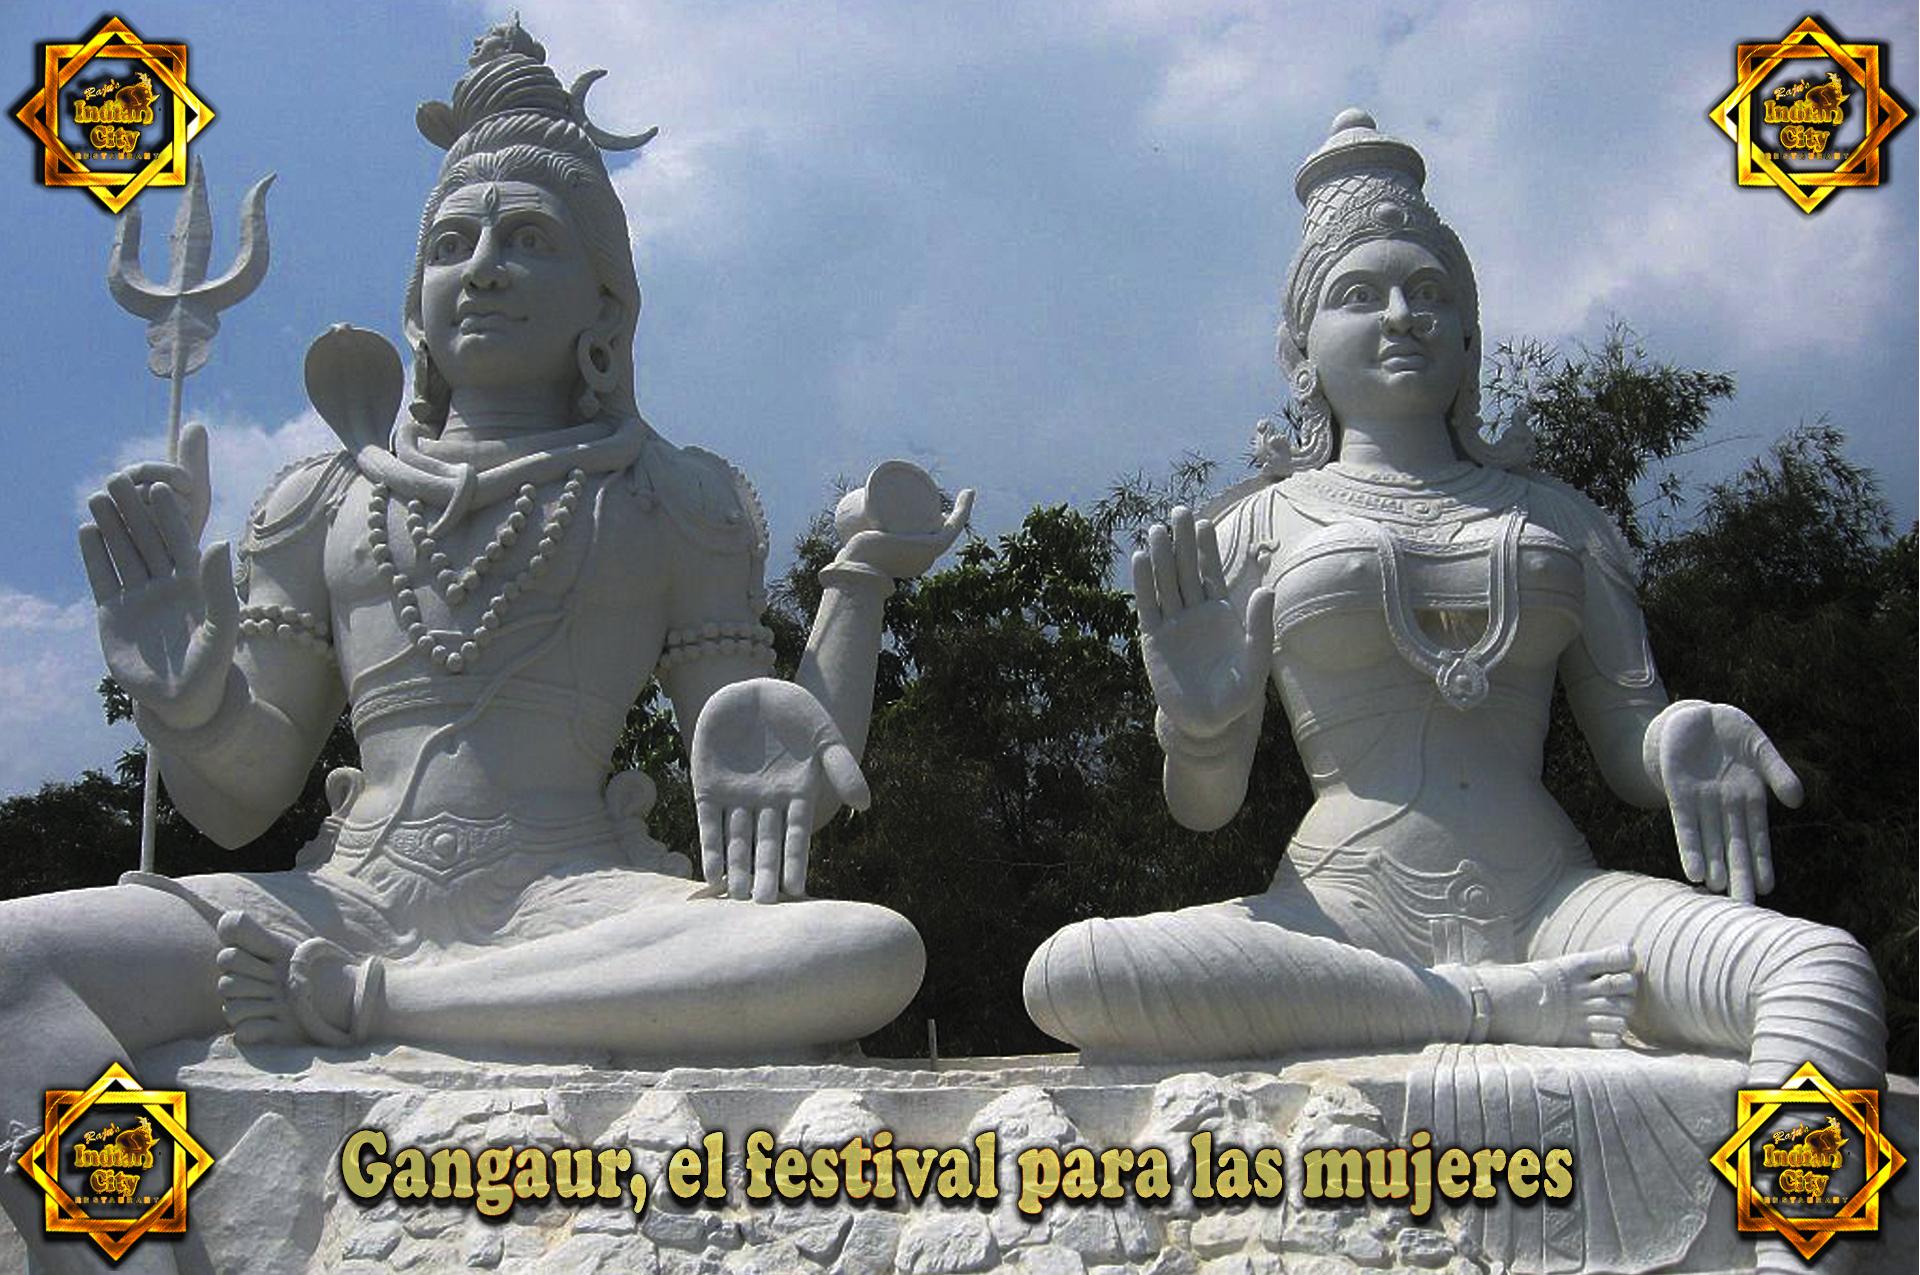 Gangaur, el Festival para las Mujeres